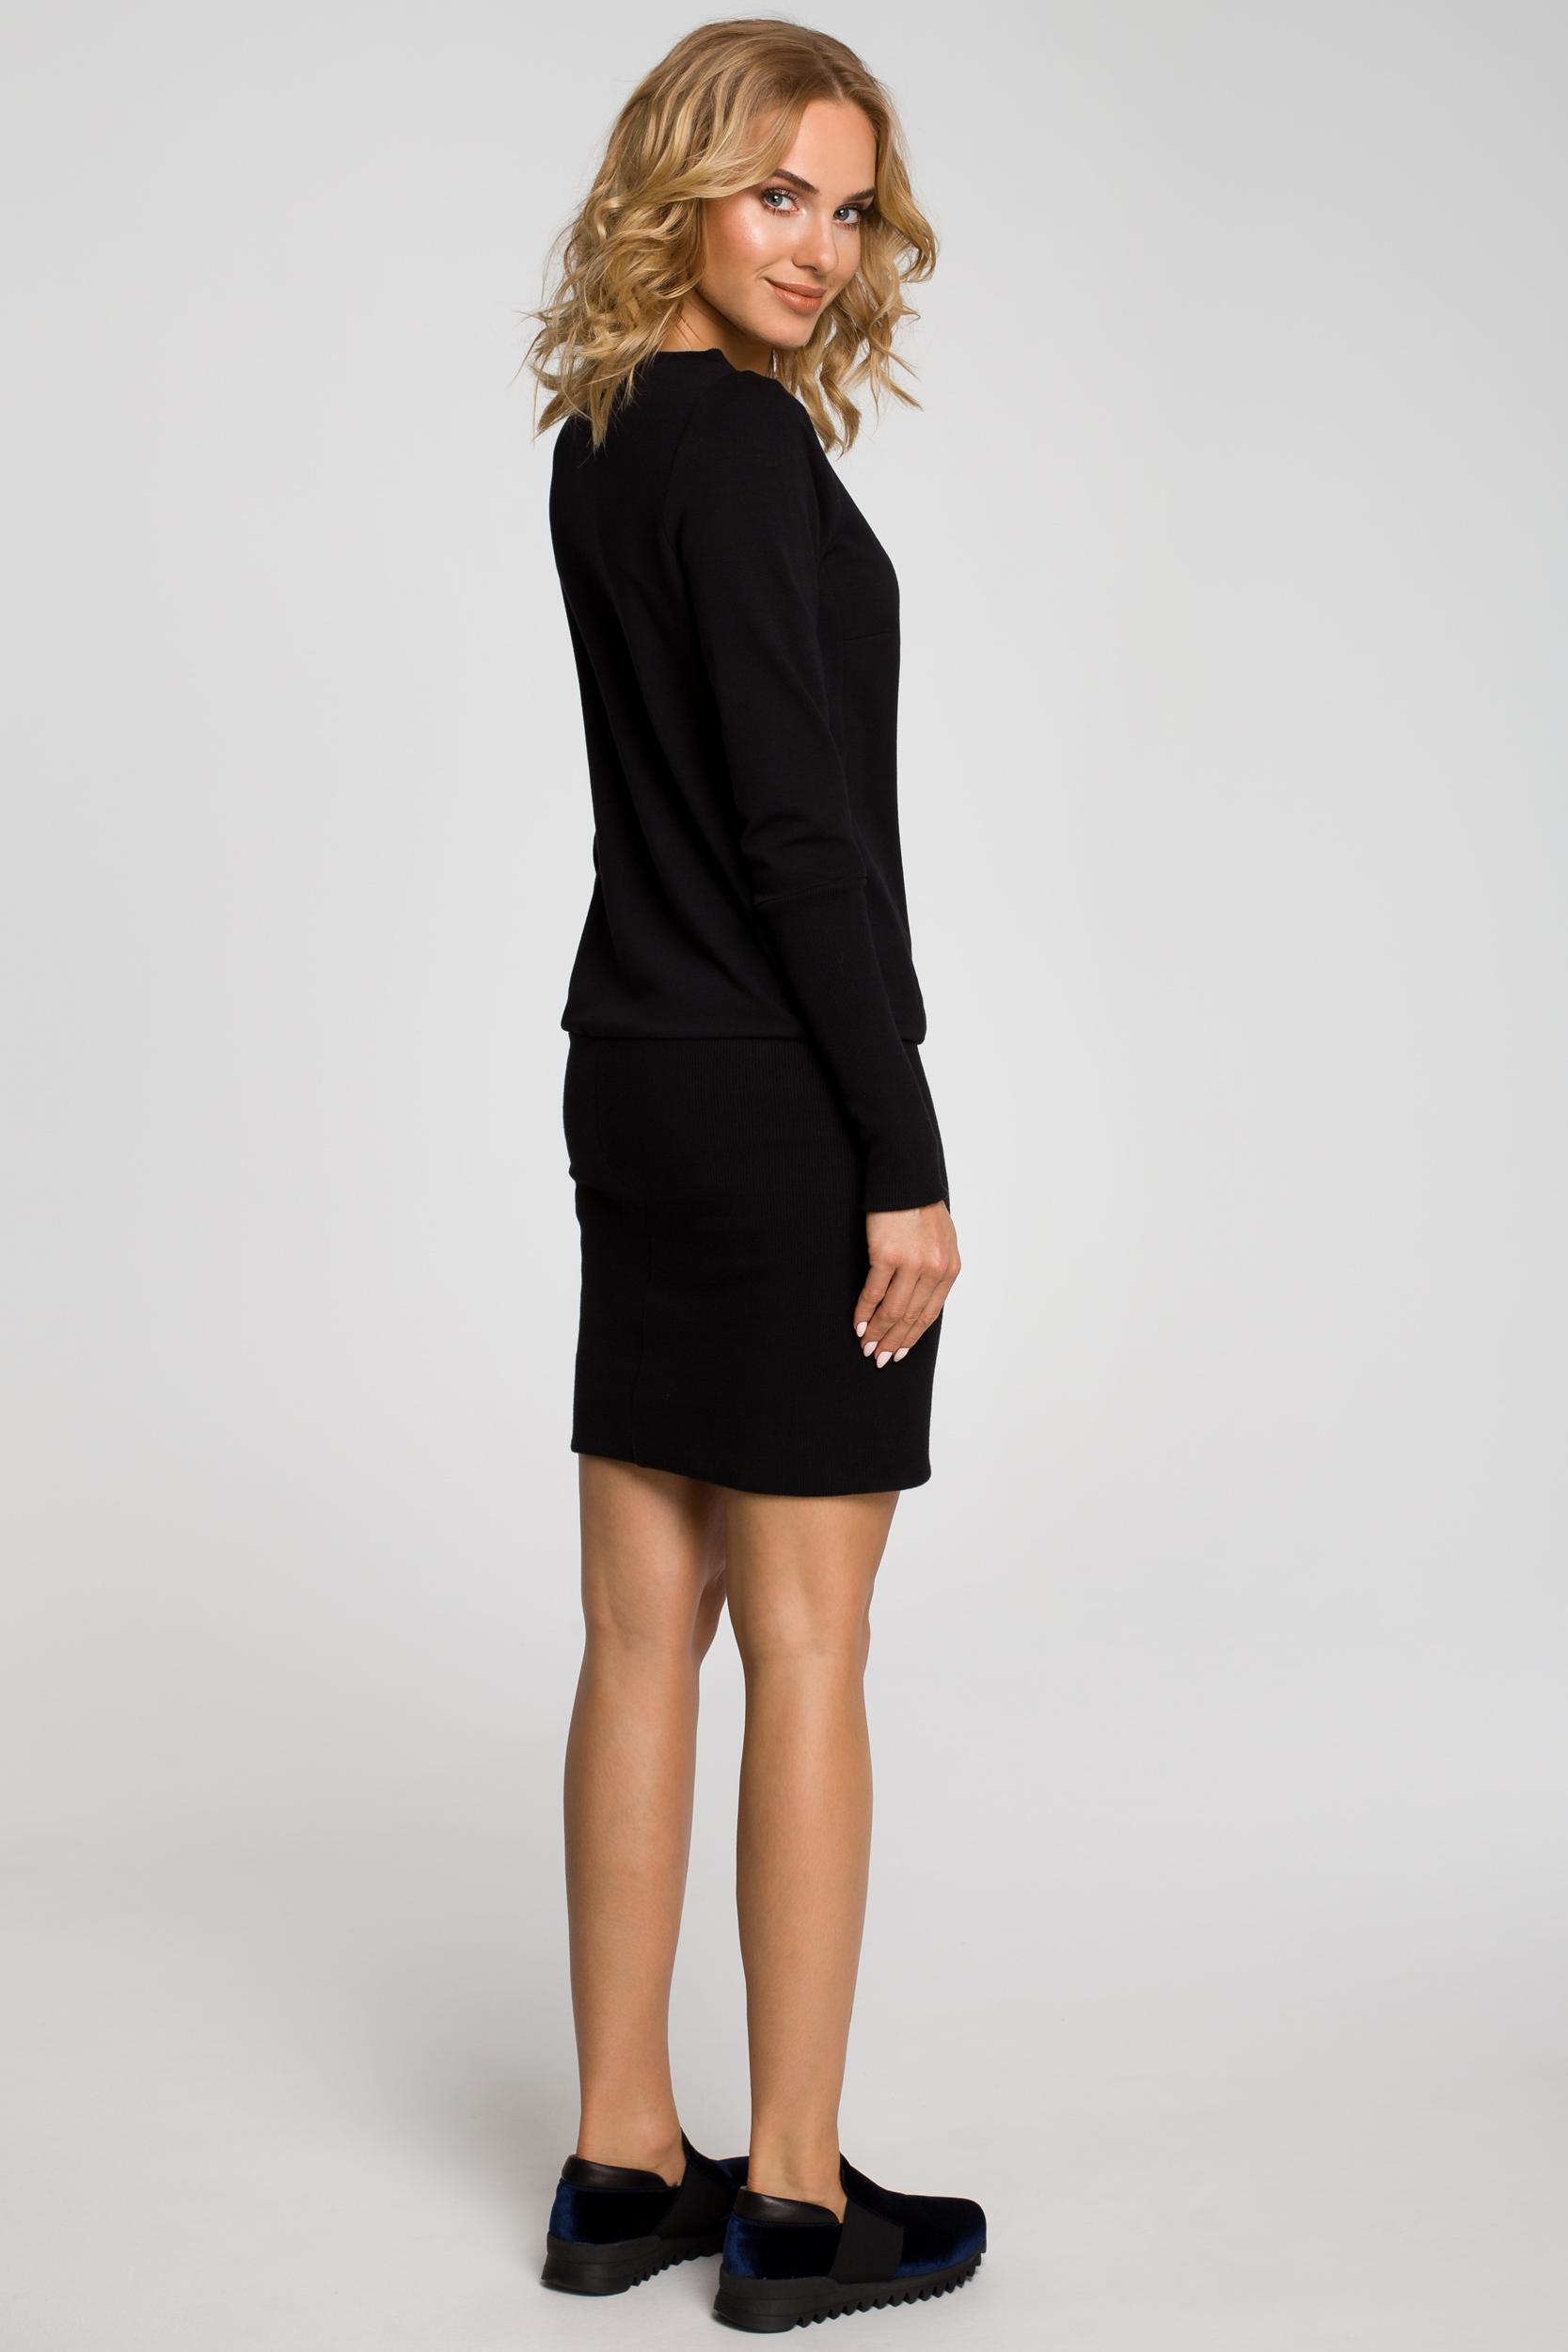 CM1186 Dopasowana tunika damska z dzianiny dresowej - czarna